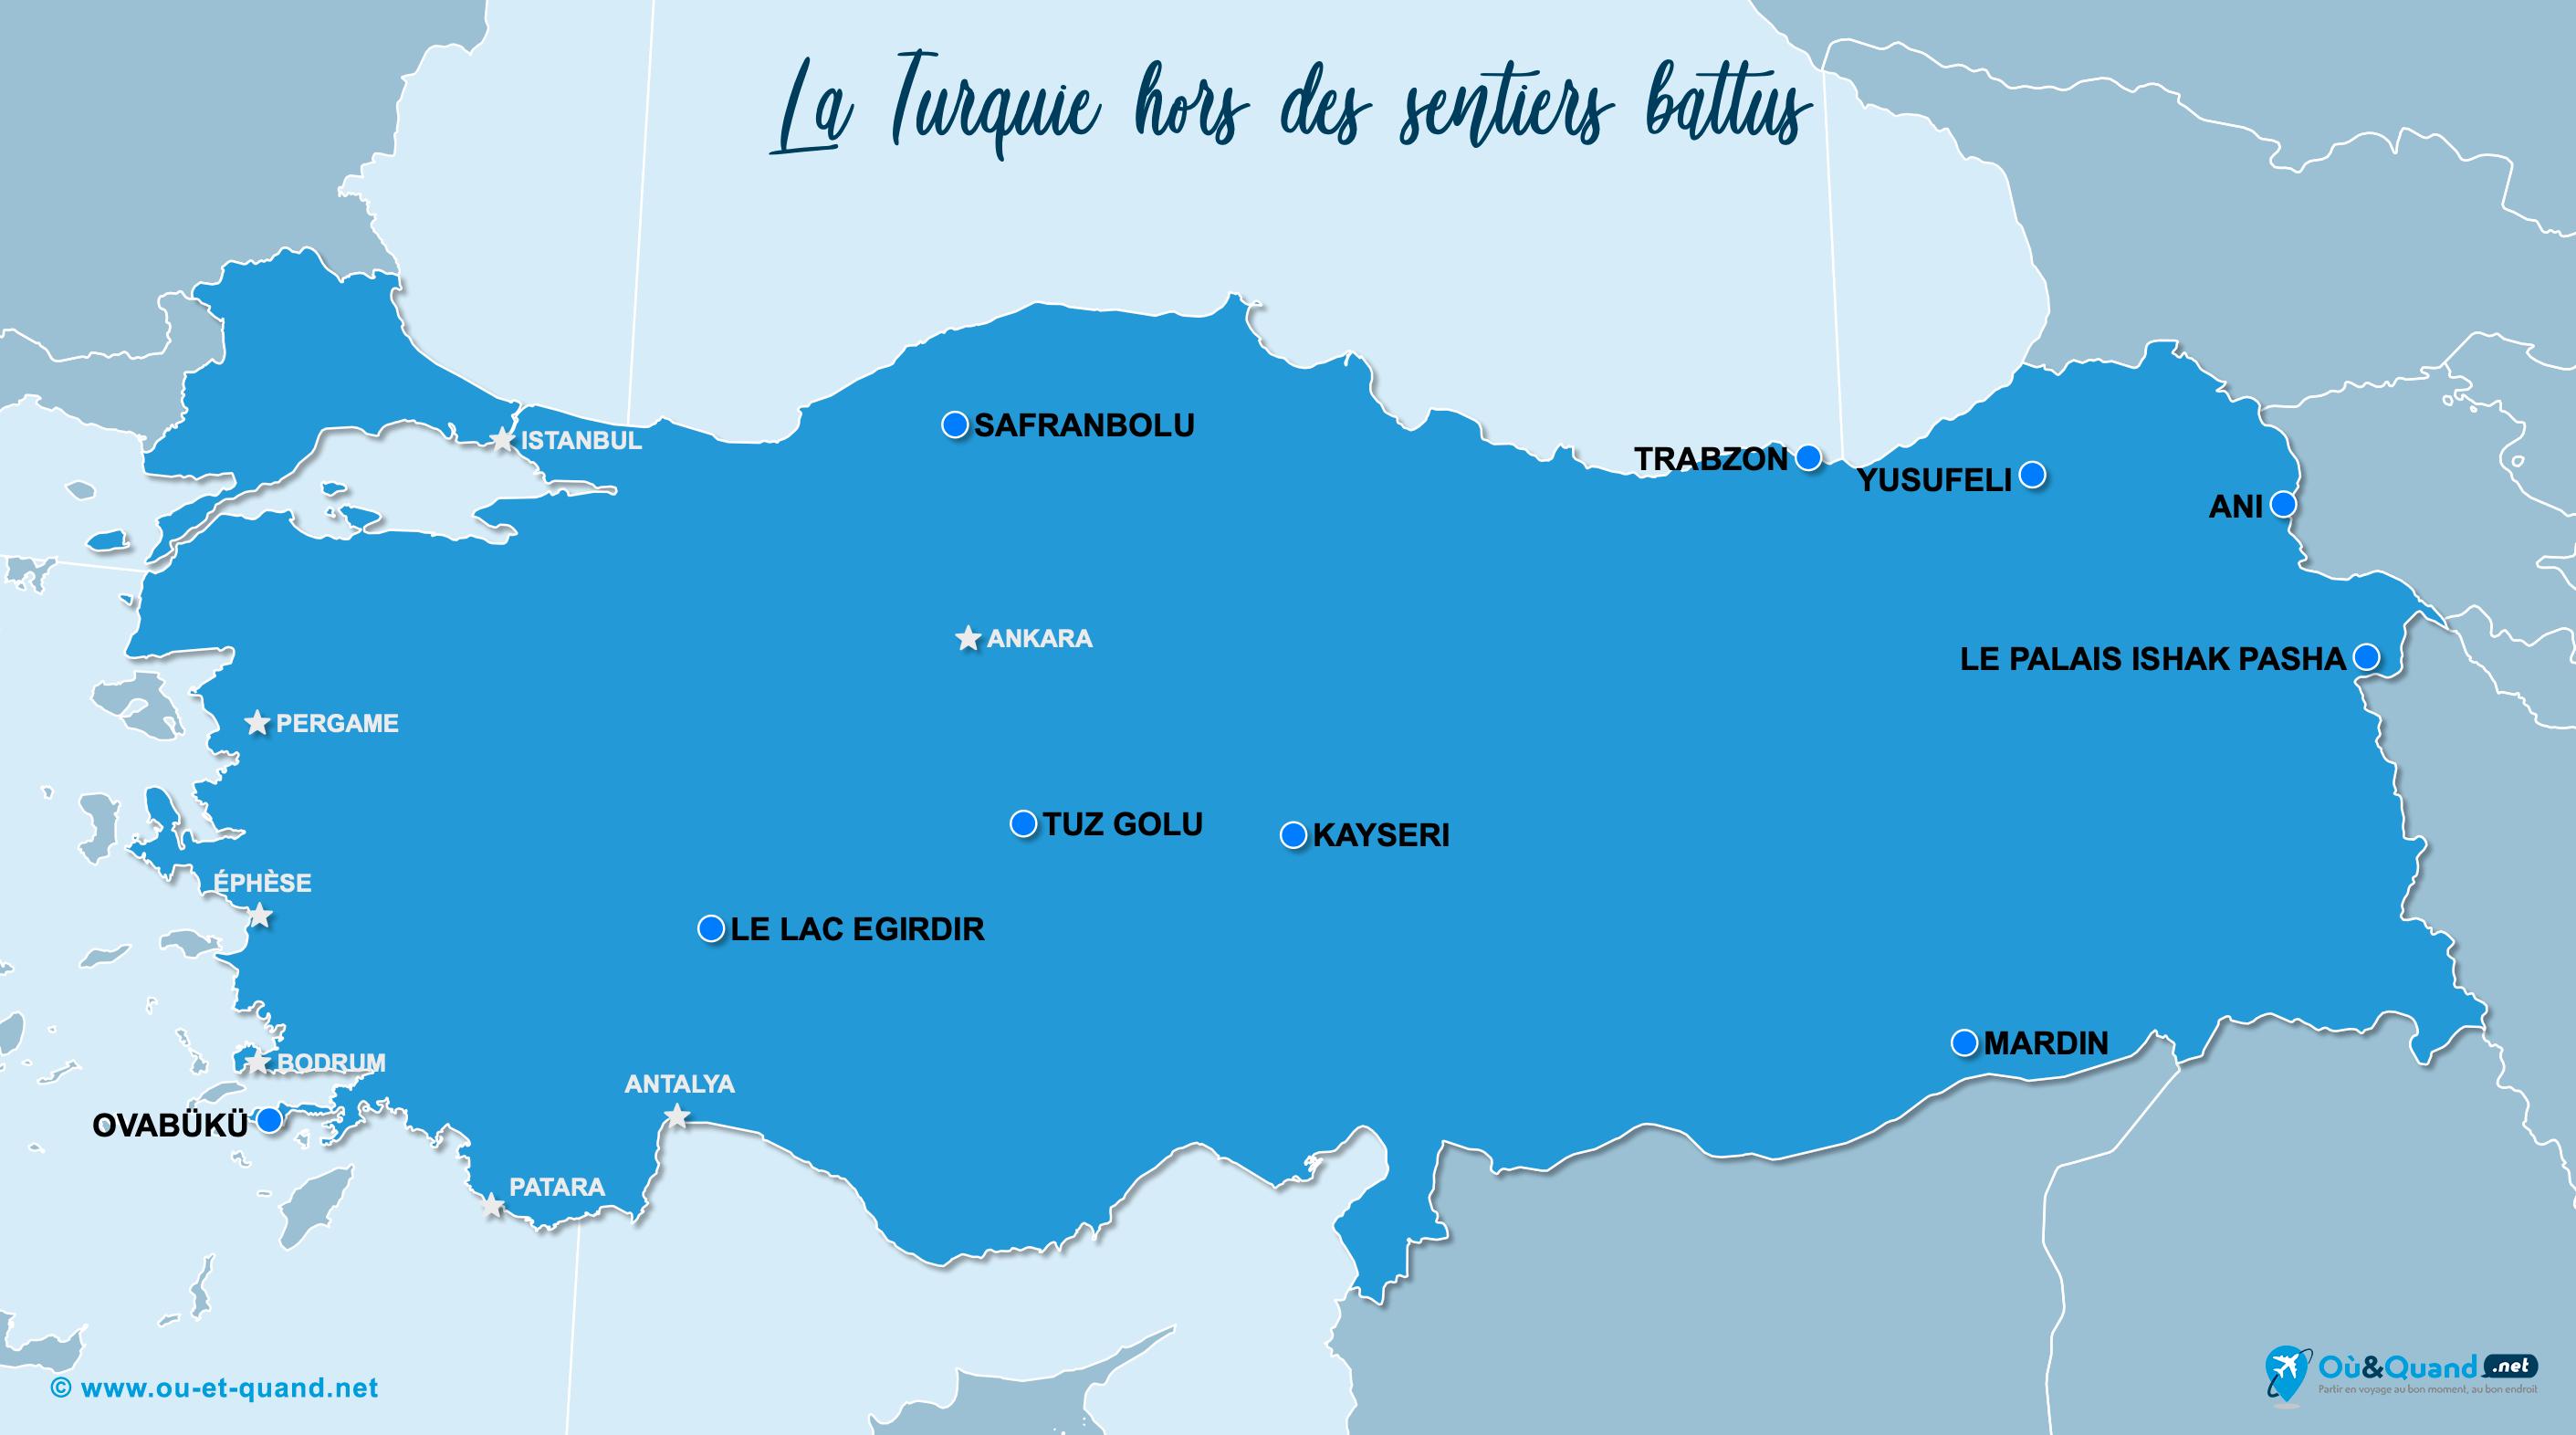 Carte Turquie : La Turquie hors des sentiers battus